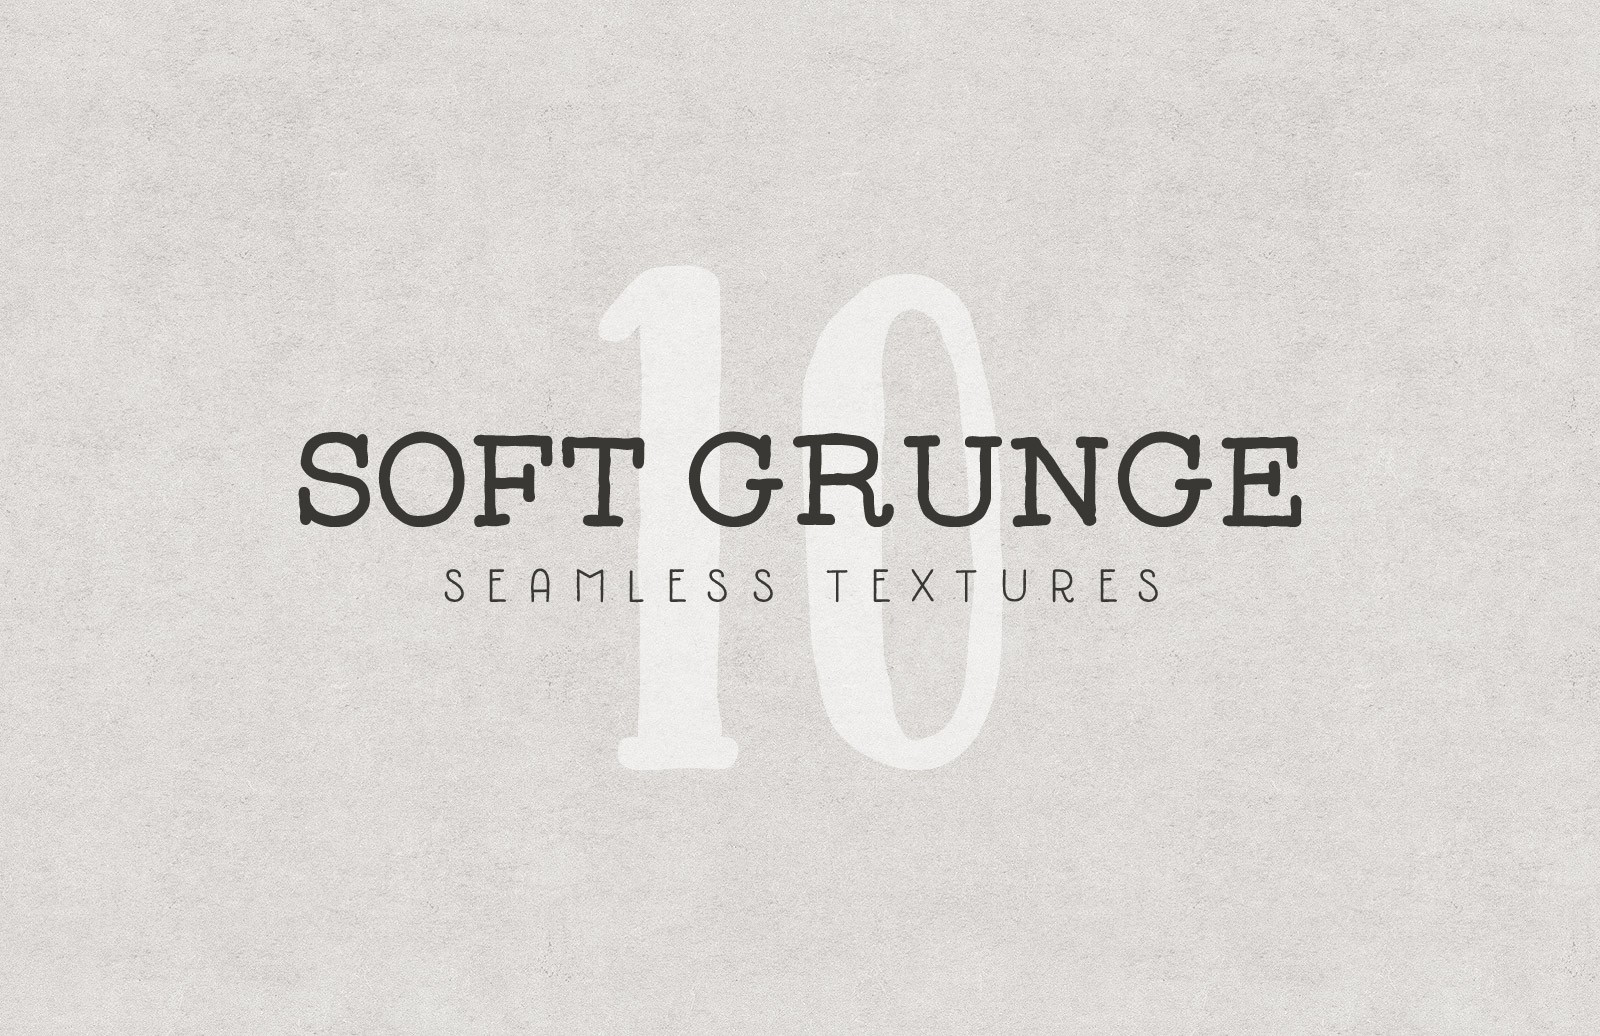 Seamless Soft Grunge Textures